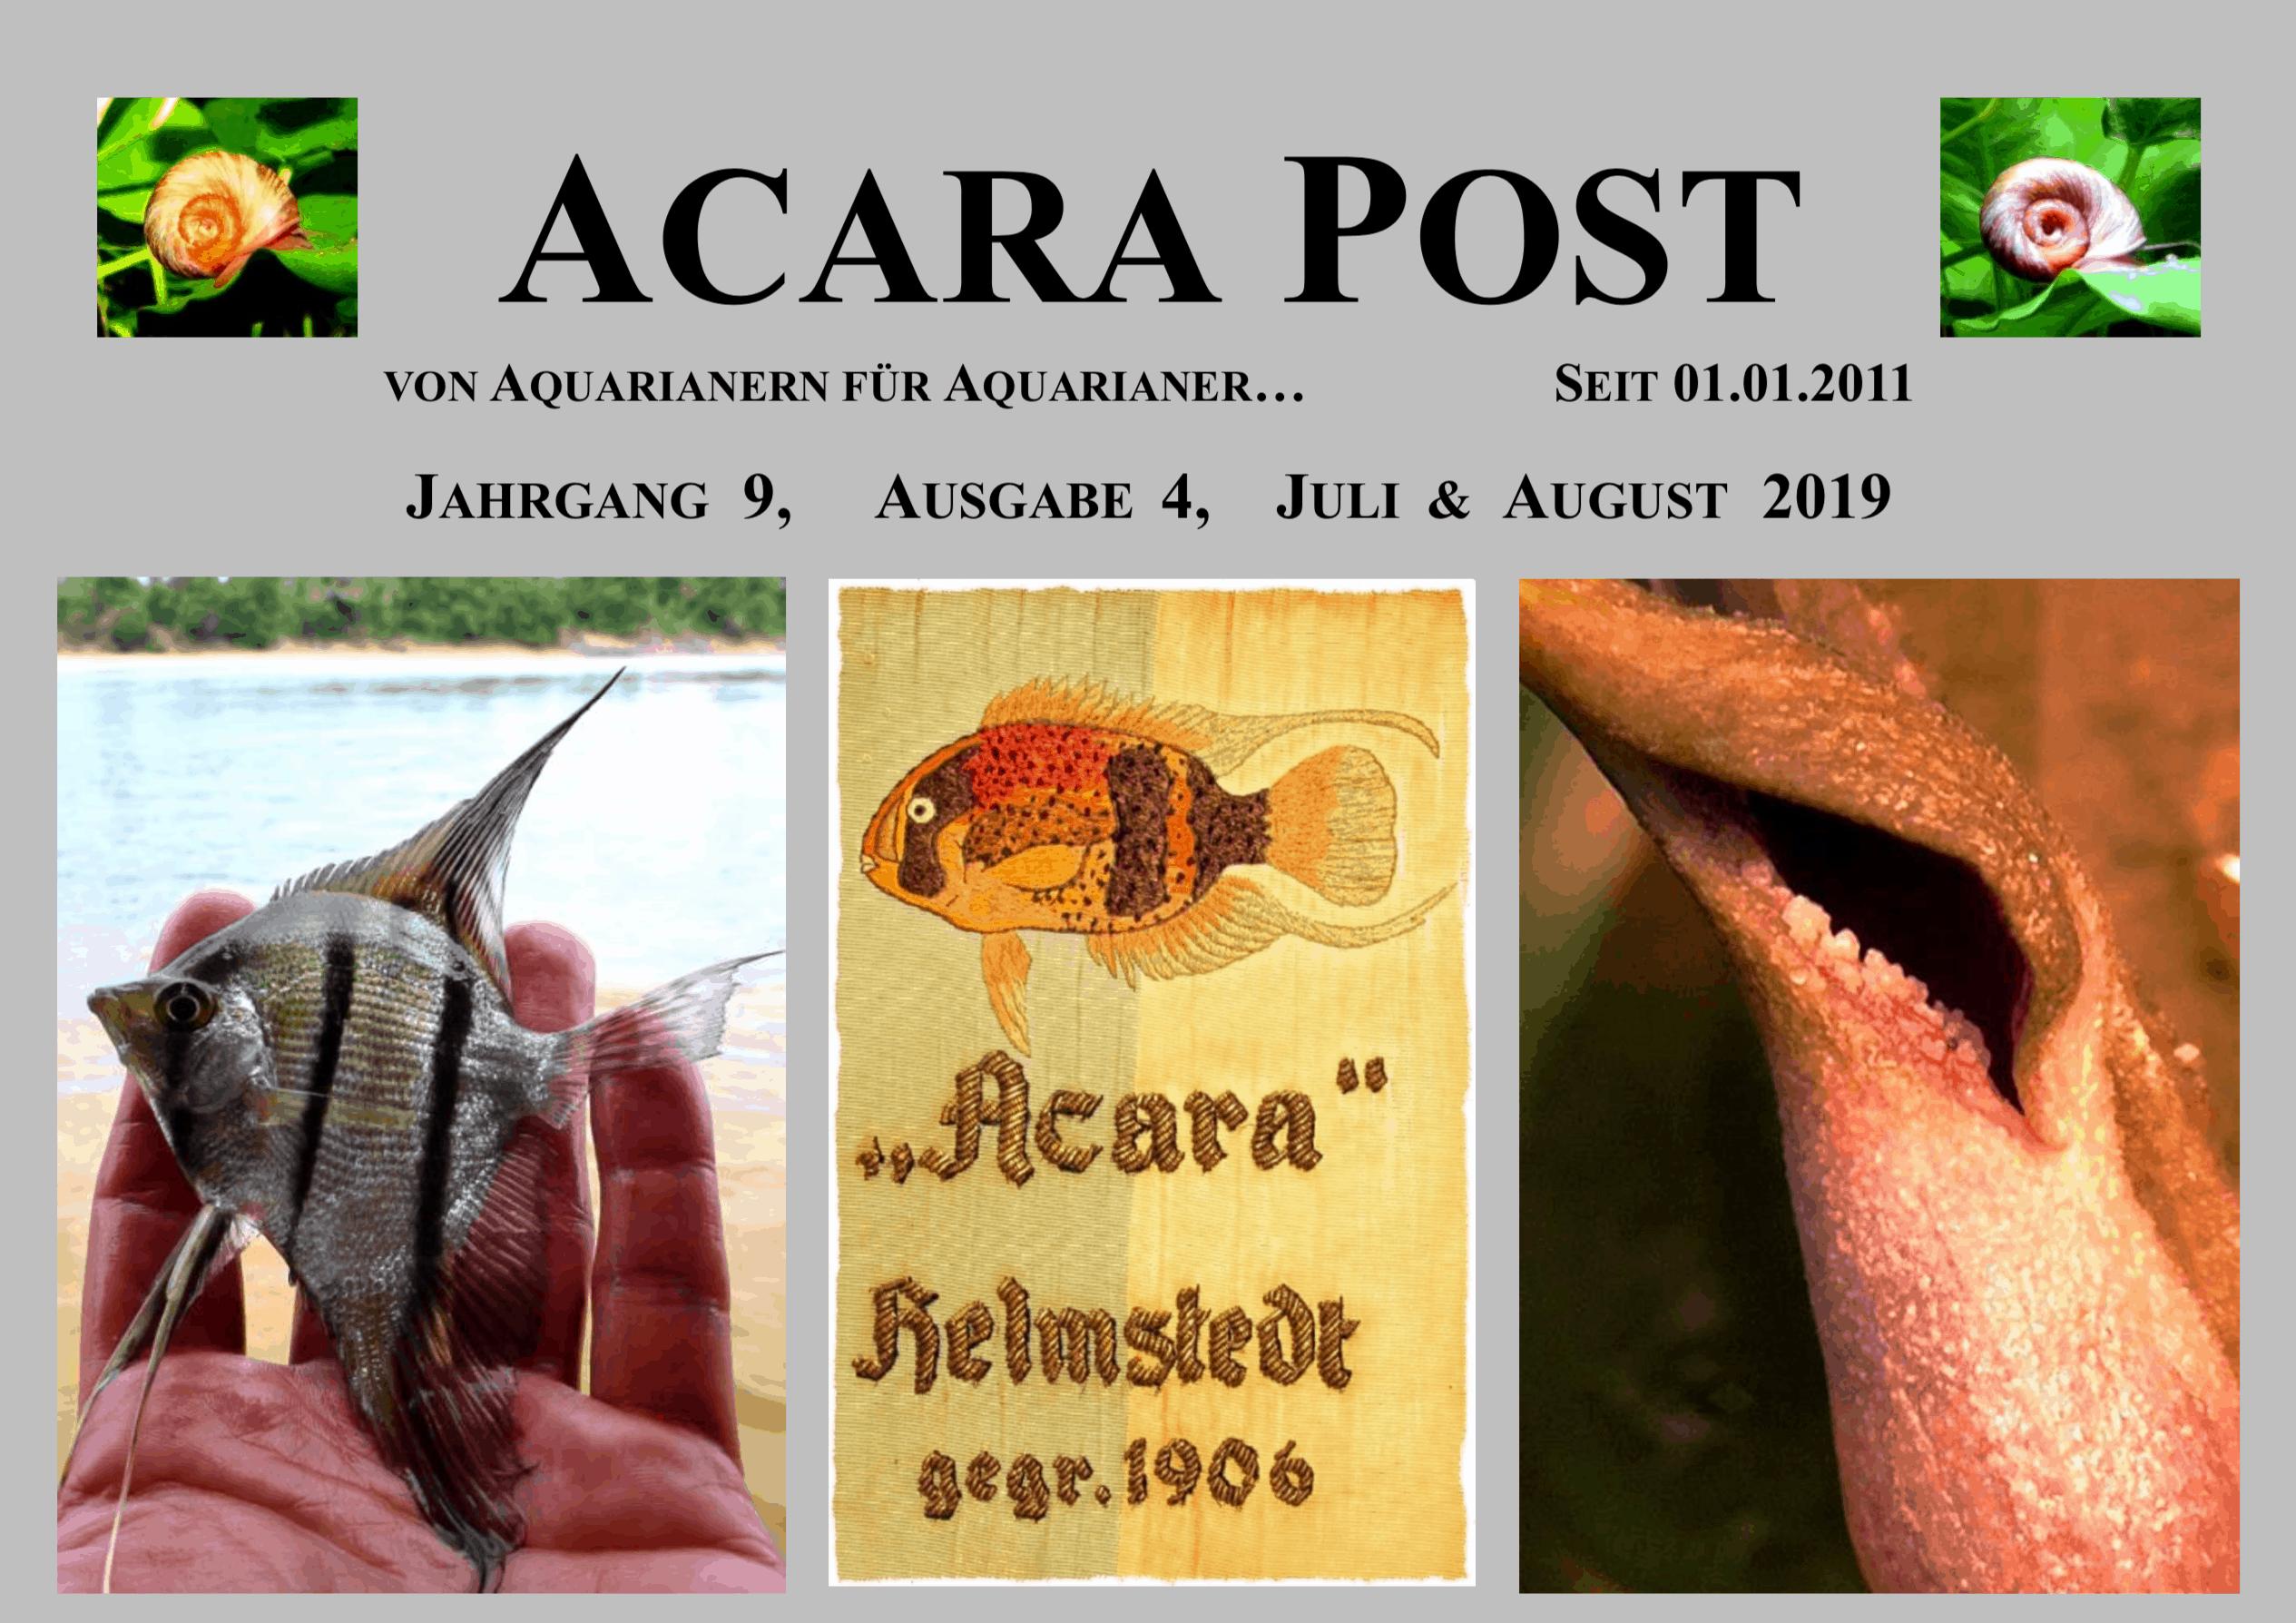 Acara-Post Juli & August 2019 - jetzt kostenlos lesen 1